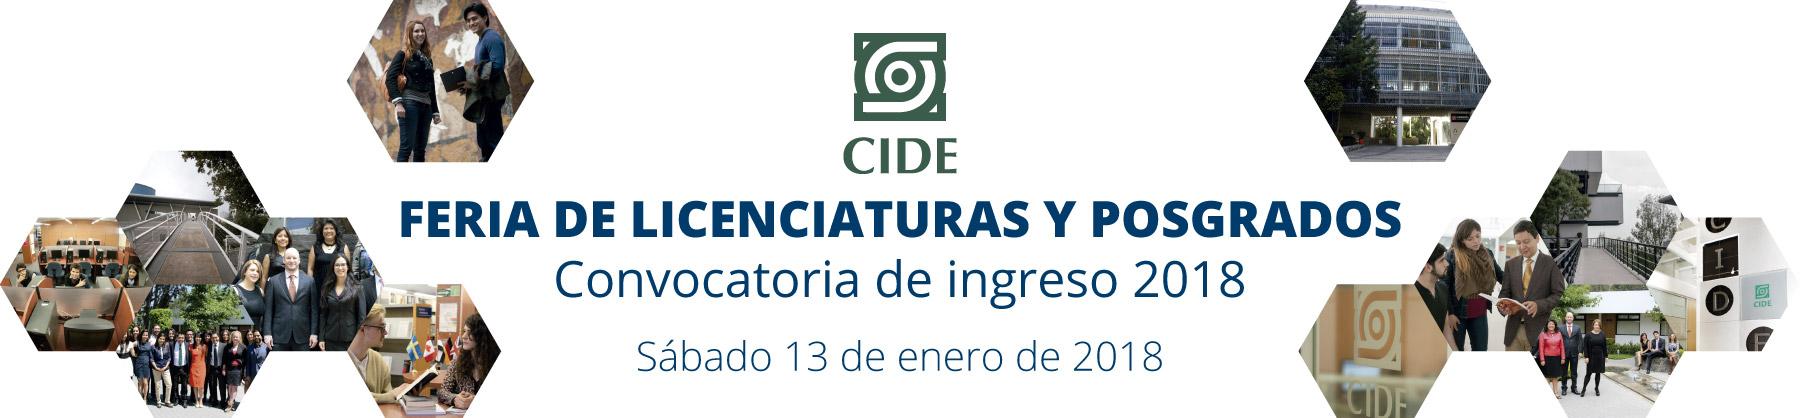 Asiste_a_la_Feria_de_Licenciaturas_y_Posgrados_y_conoce_la_oferta-academica_del_CIDE